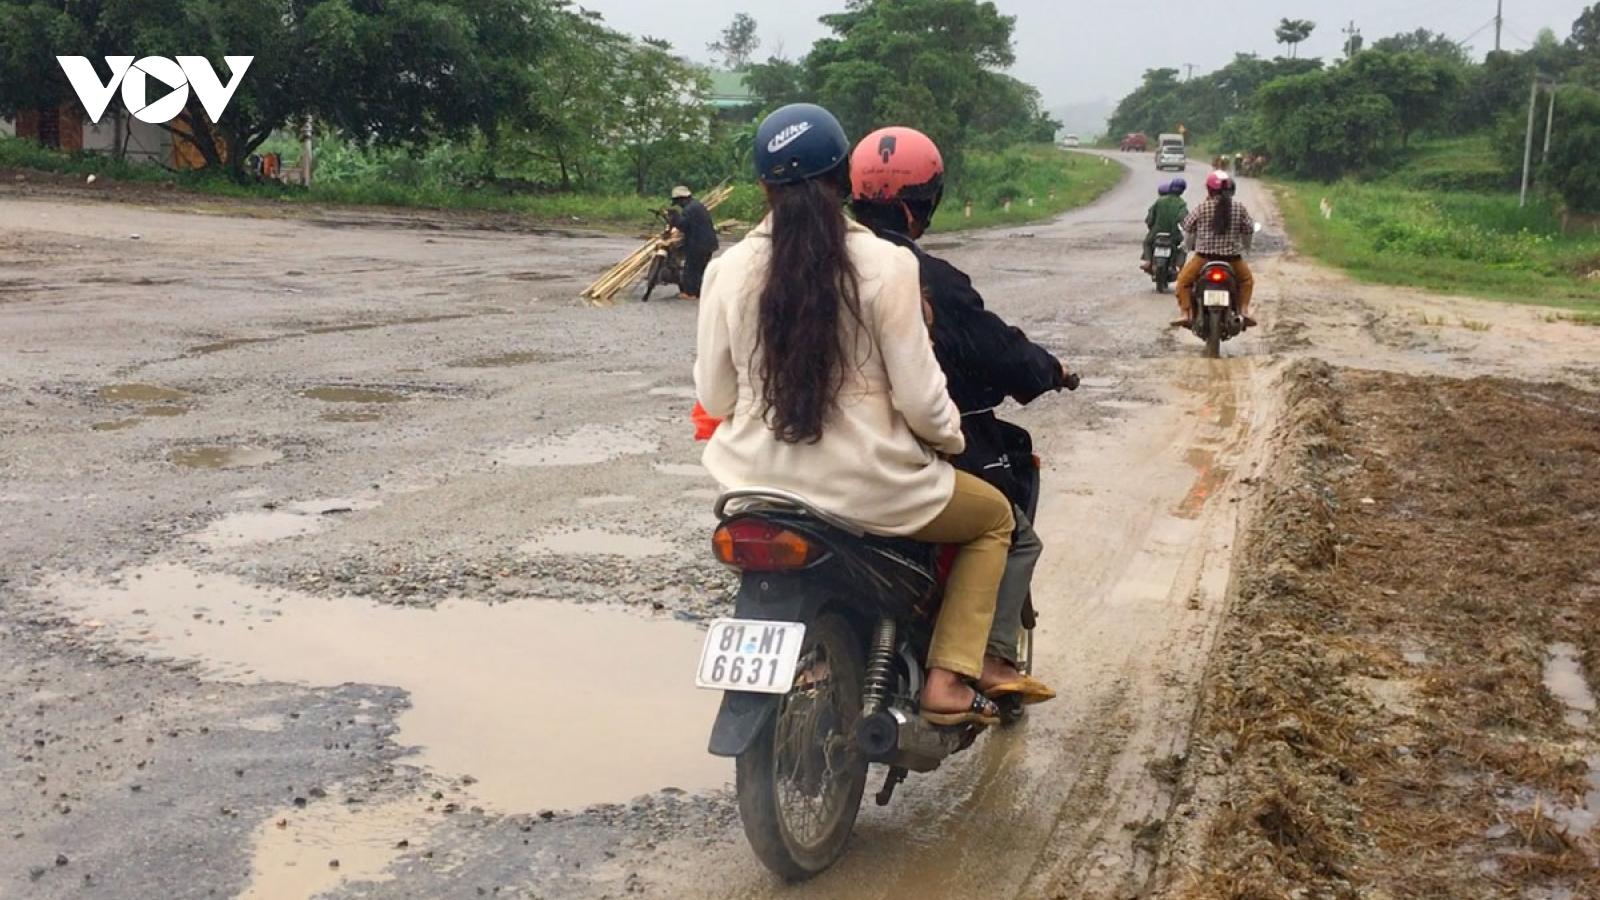 Quốc lộ 19 qua Gia Lai bị hư hỏng: Cục quản lý đường bộ chỉ đạo gấp